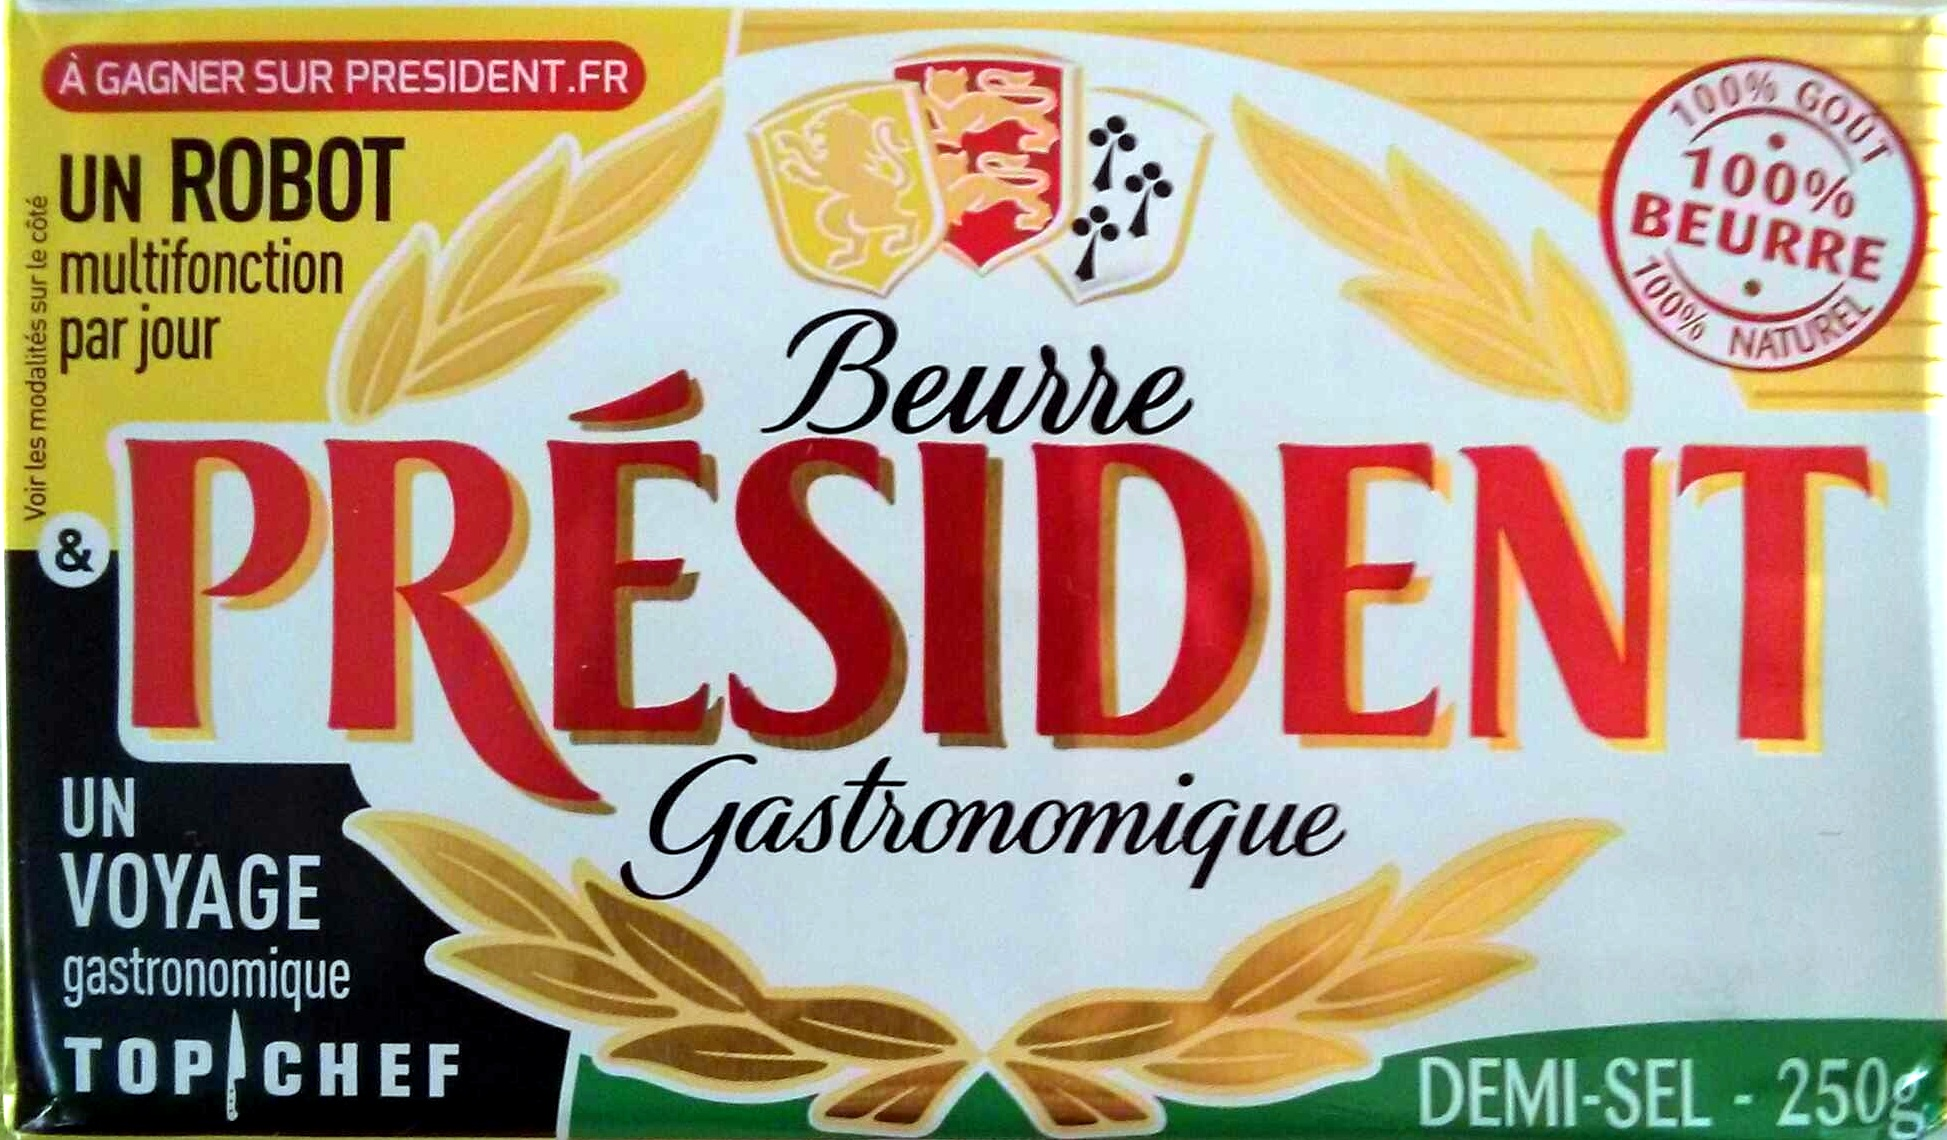 Beurre gastronomique président - Produit - fr